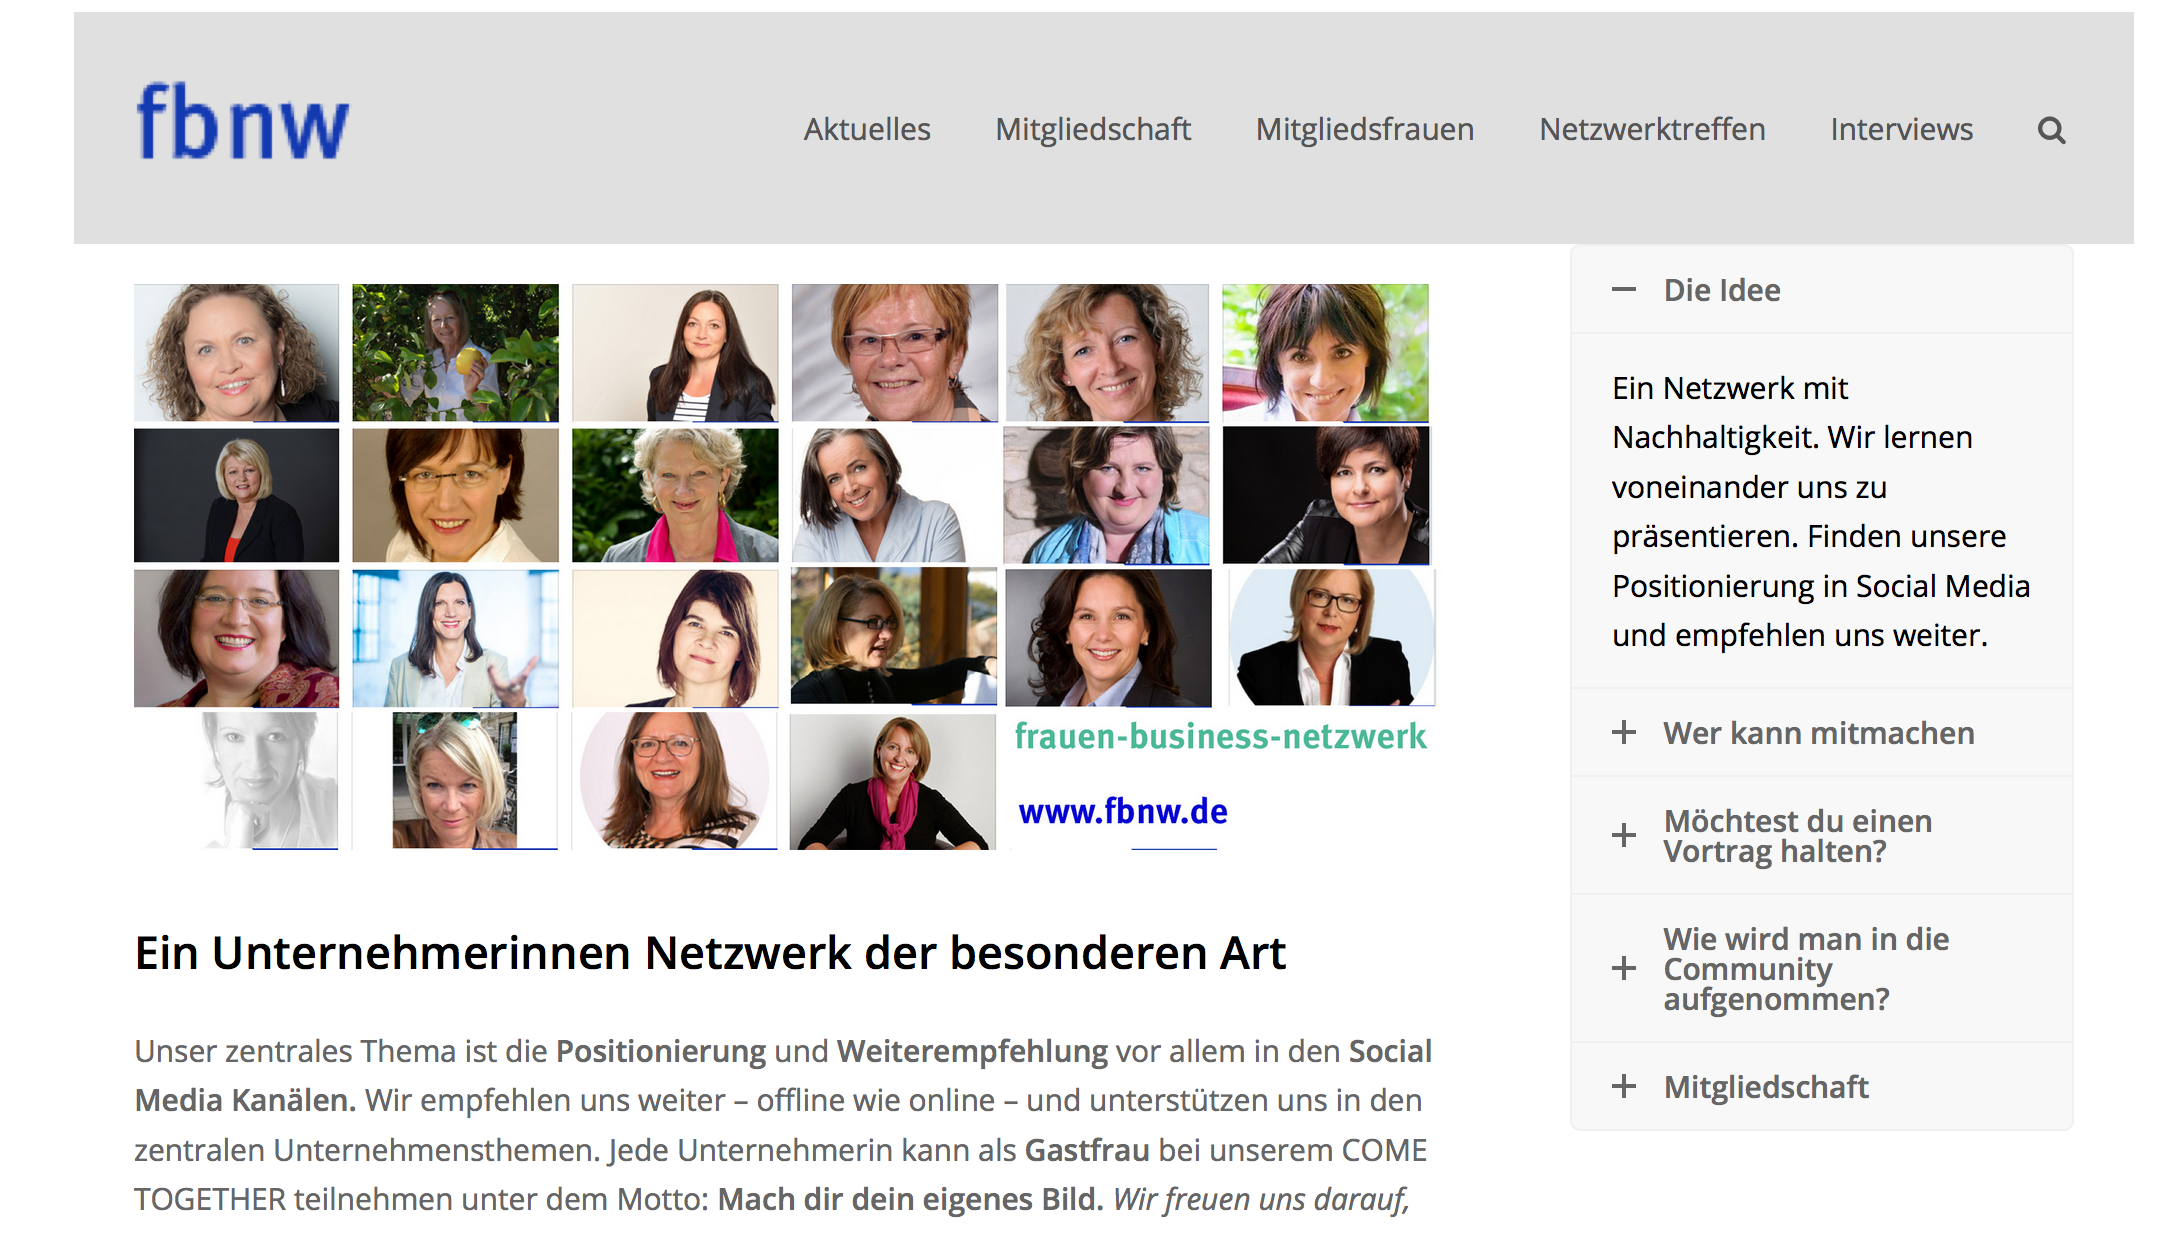 Frauenbusiness Netzwerk